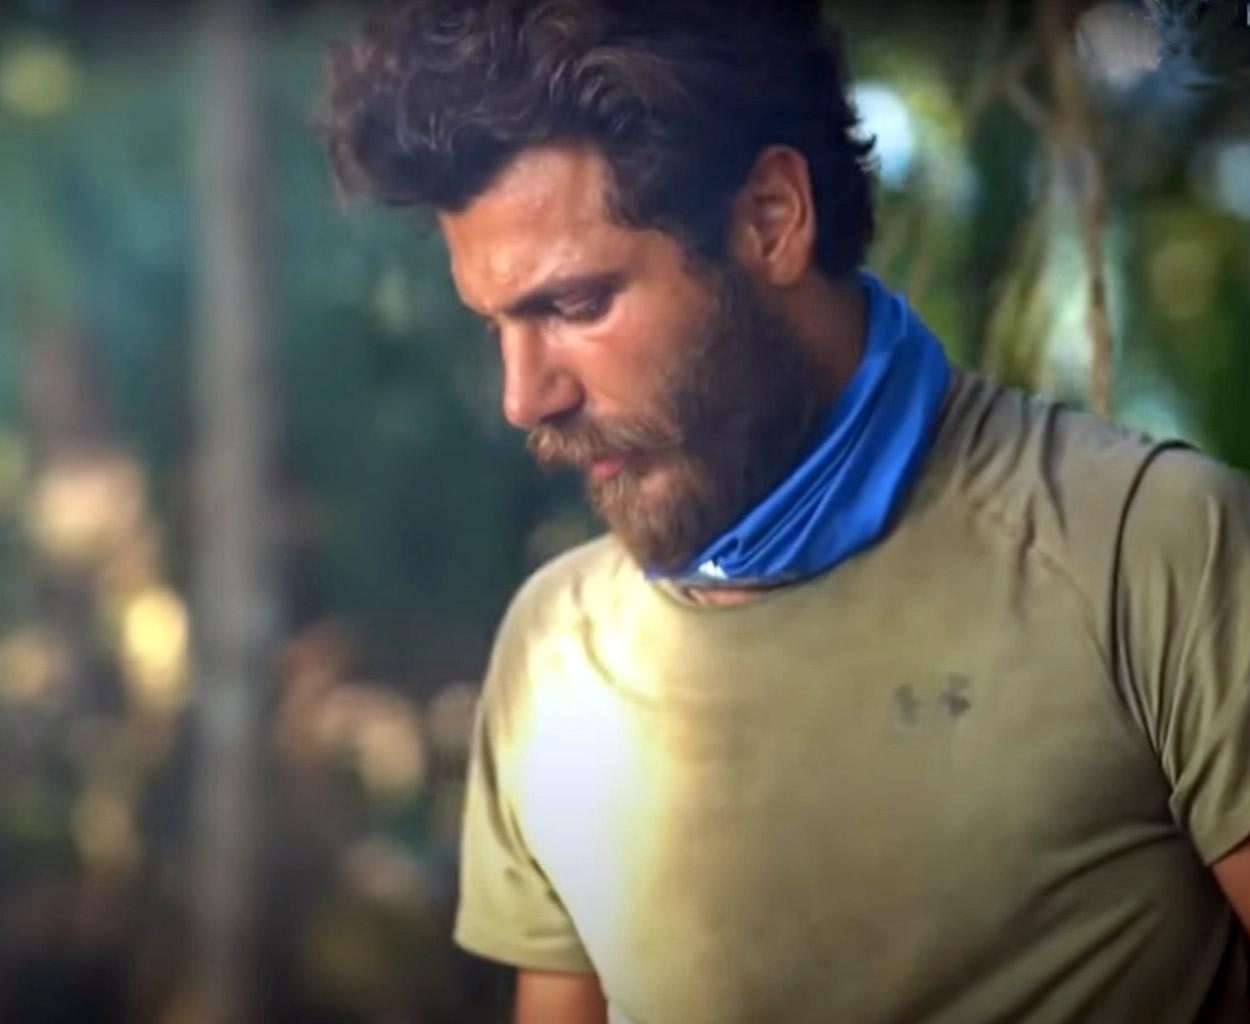 Δύσκολο αναμένεται να είναι το Survivor για τον Τζέιμς Καφετζή, αφού όλα δείχνουν ότι σιγά σιγά όλοι αρχίζουν να βρίσκονται απέναντι του